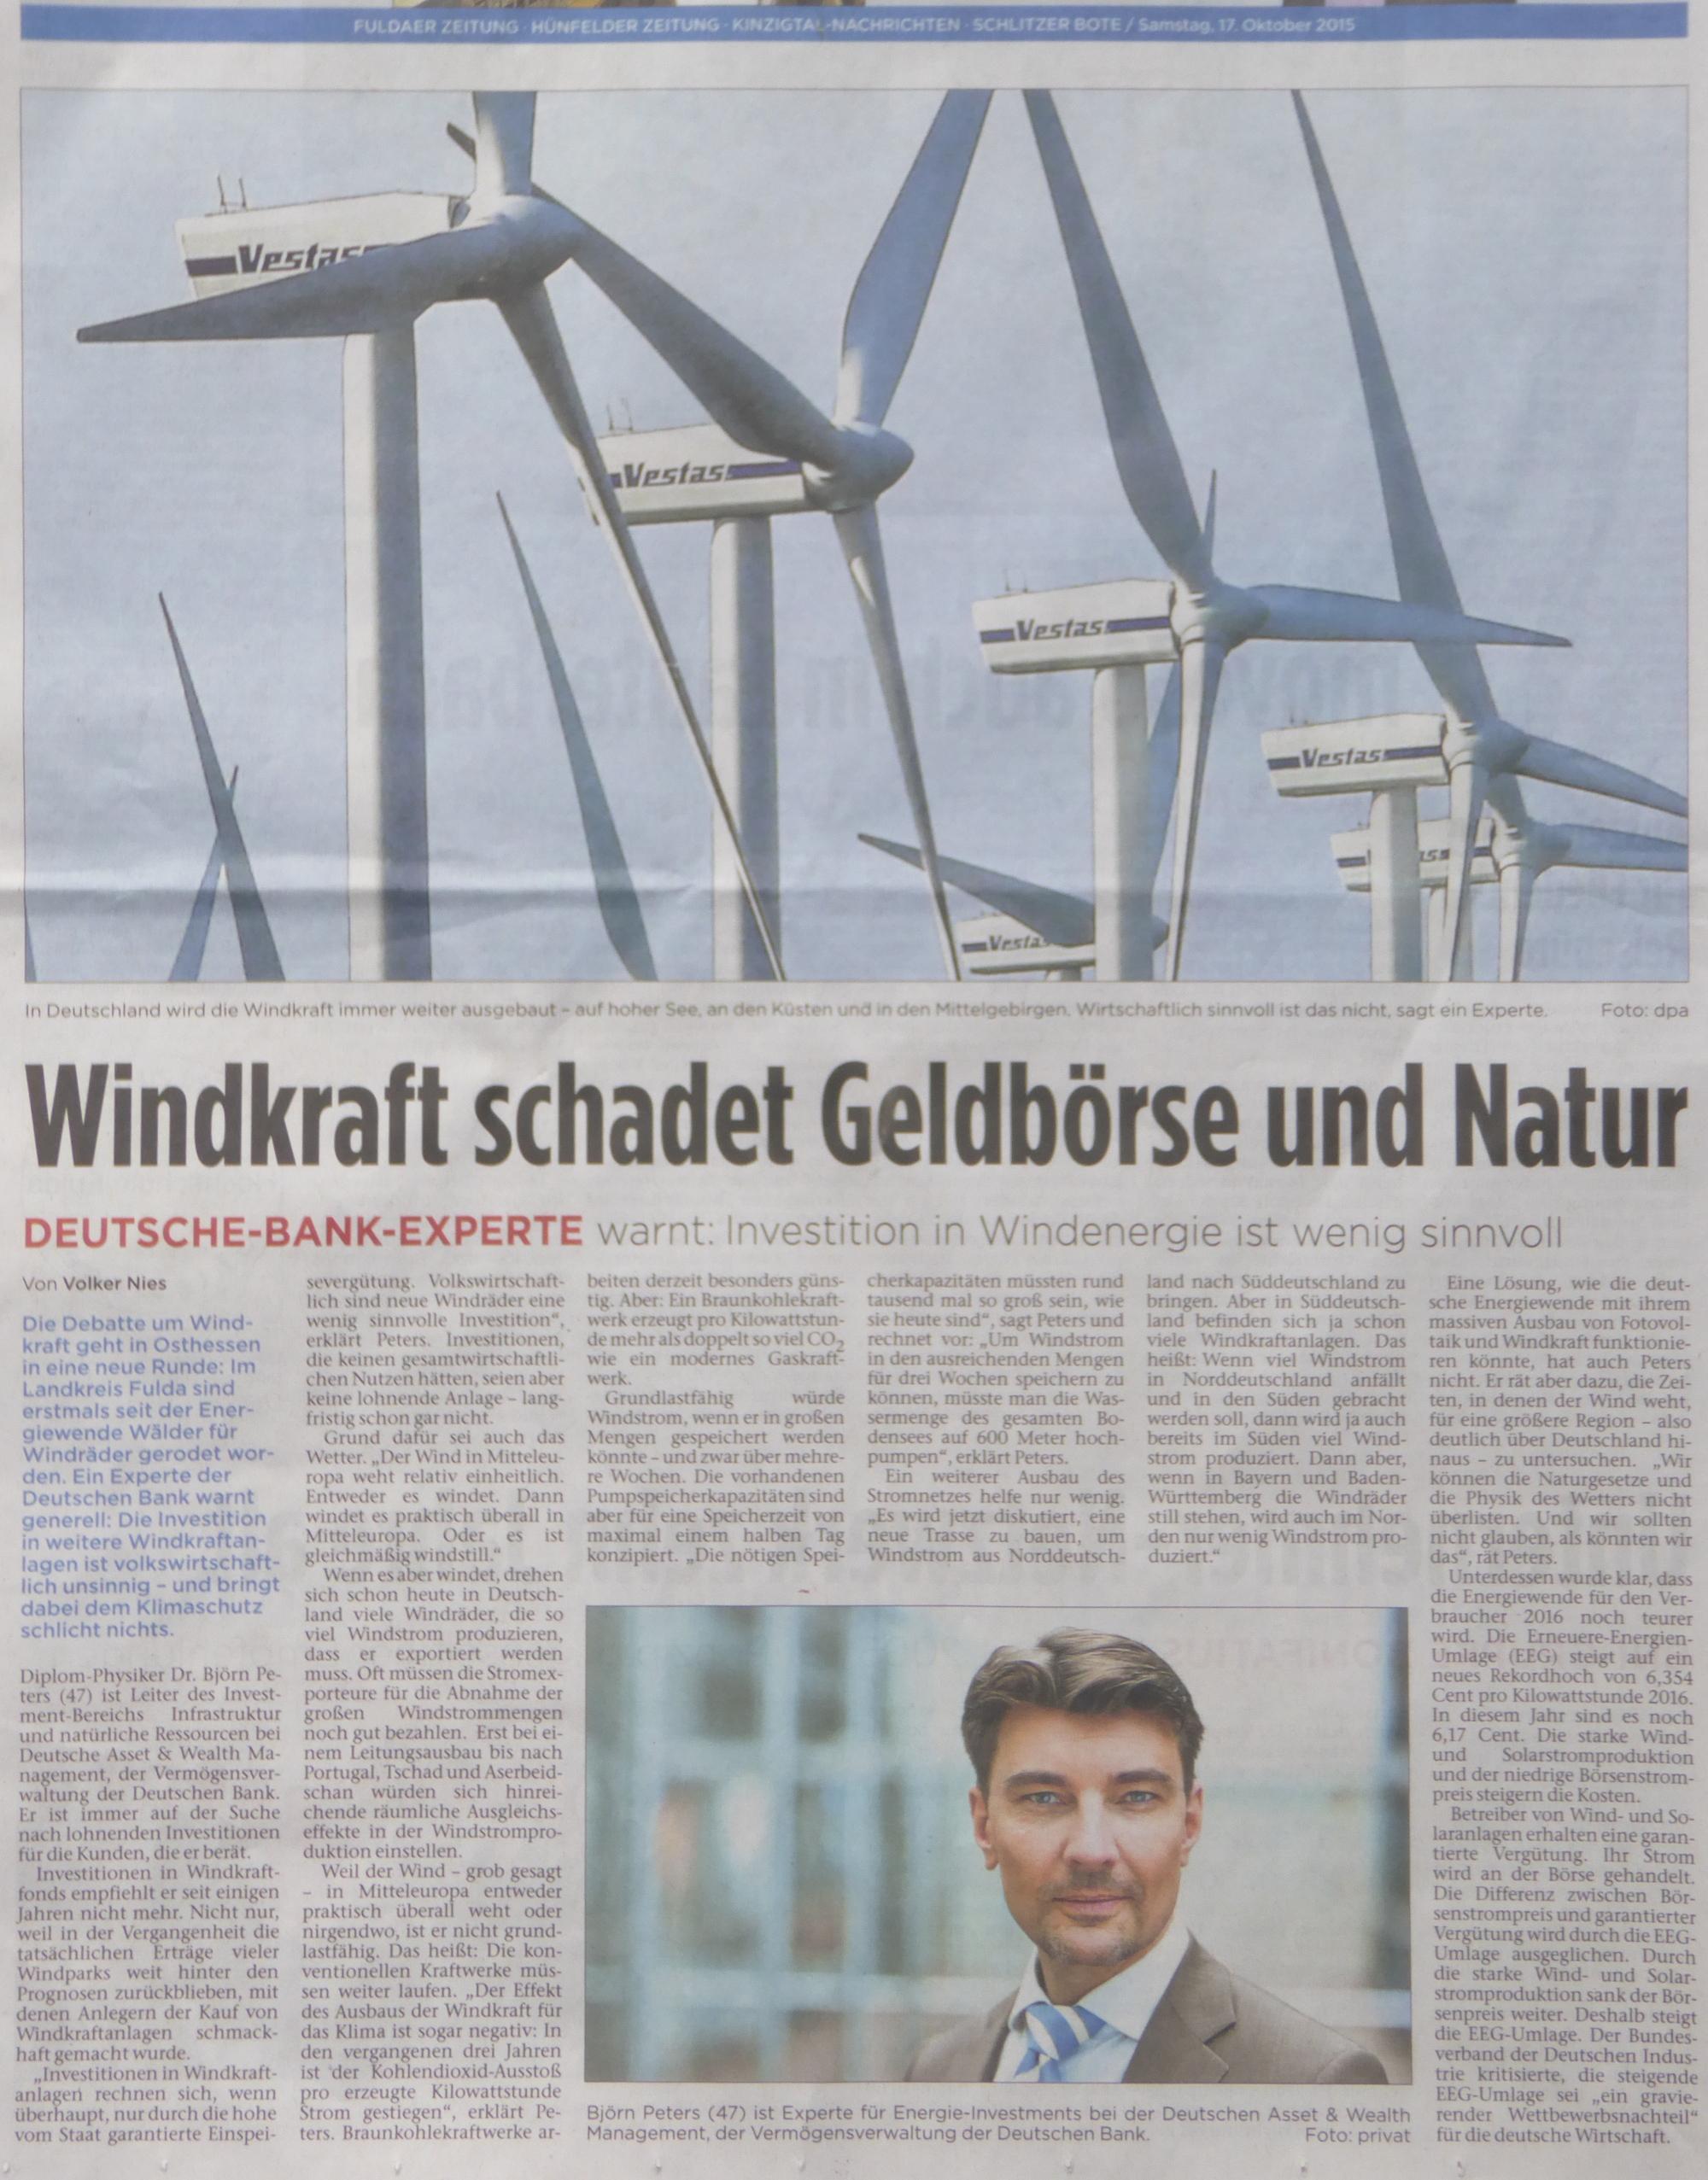 fuldaerz2015_10_17_windkraft_schadet_geldboerse_und_natur-klein